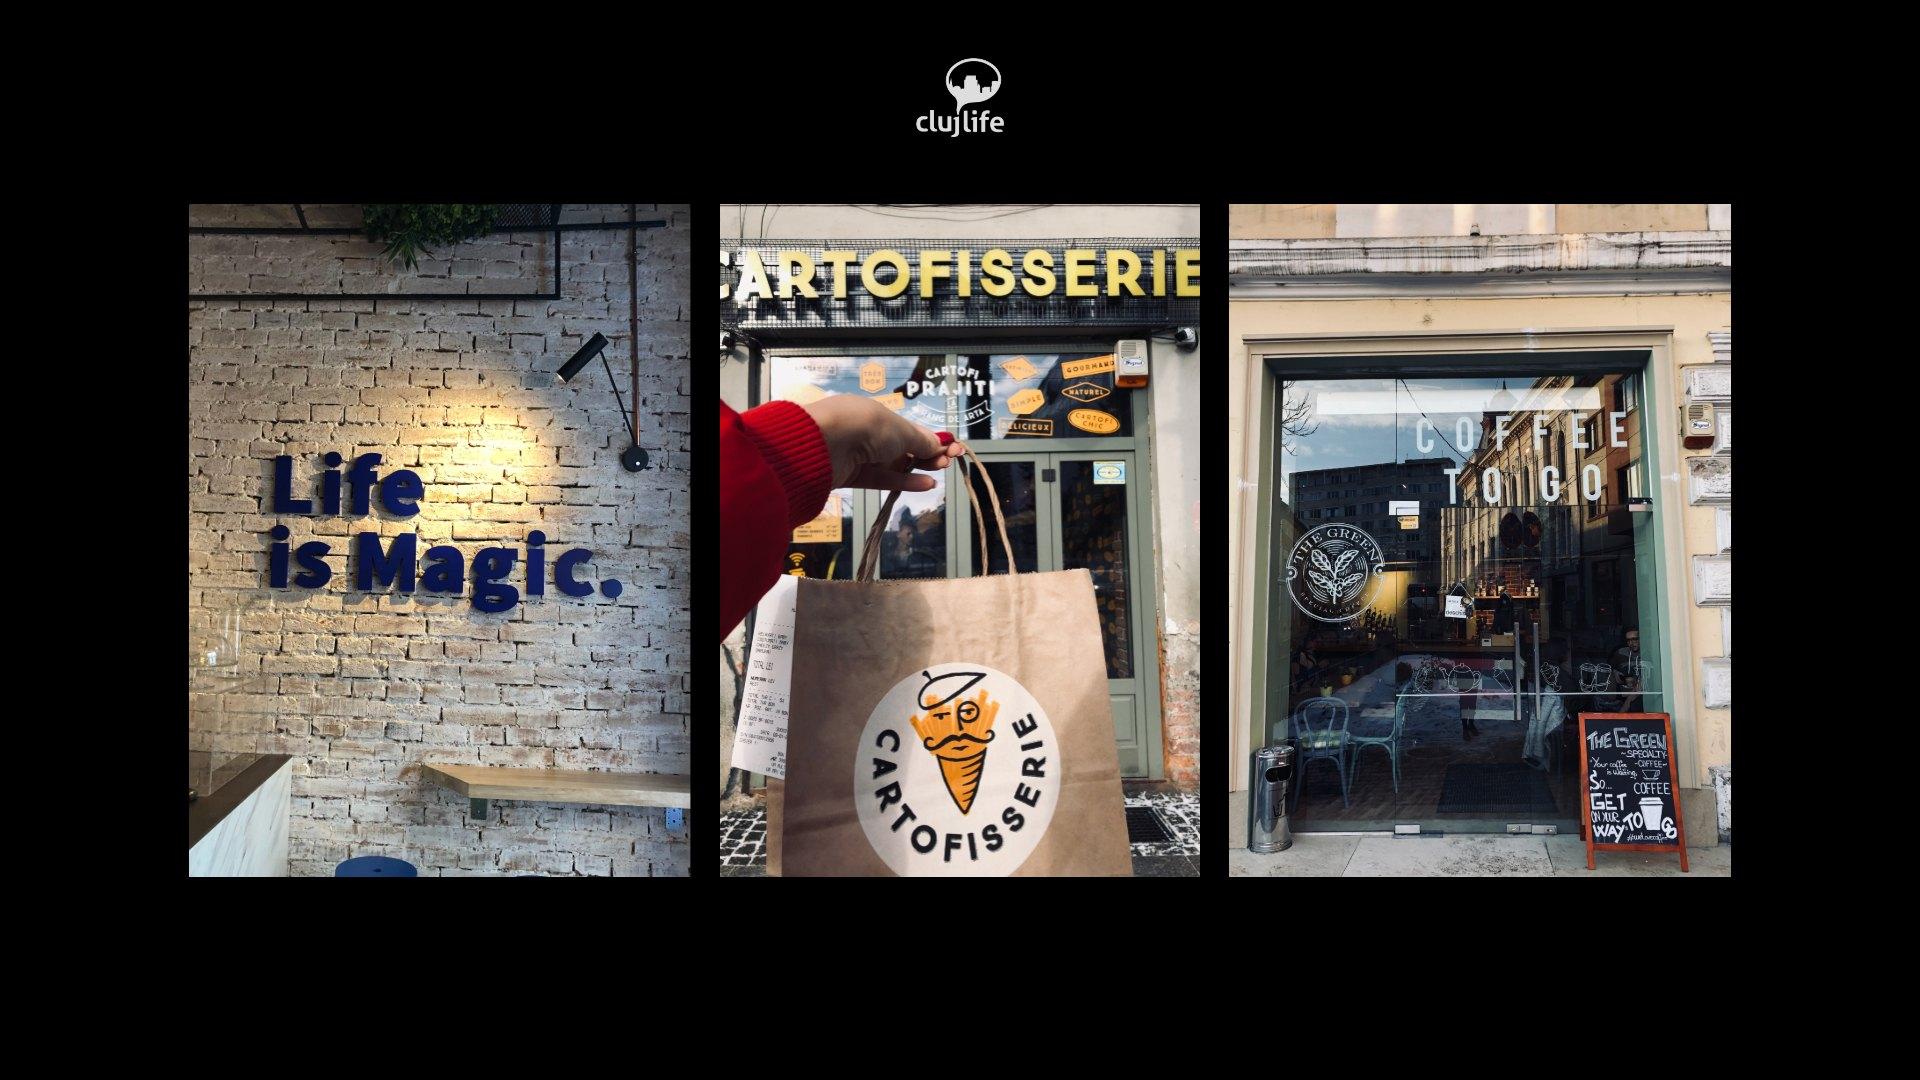 3 localuri care s-au deschis de curând în #Cluj: The Green Speciality Coffee, Vandy Alchemy și Cartofisserie